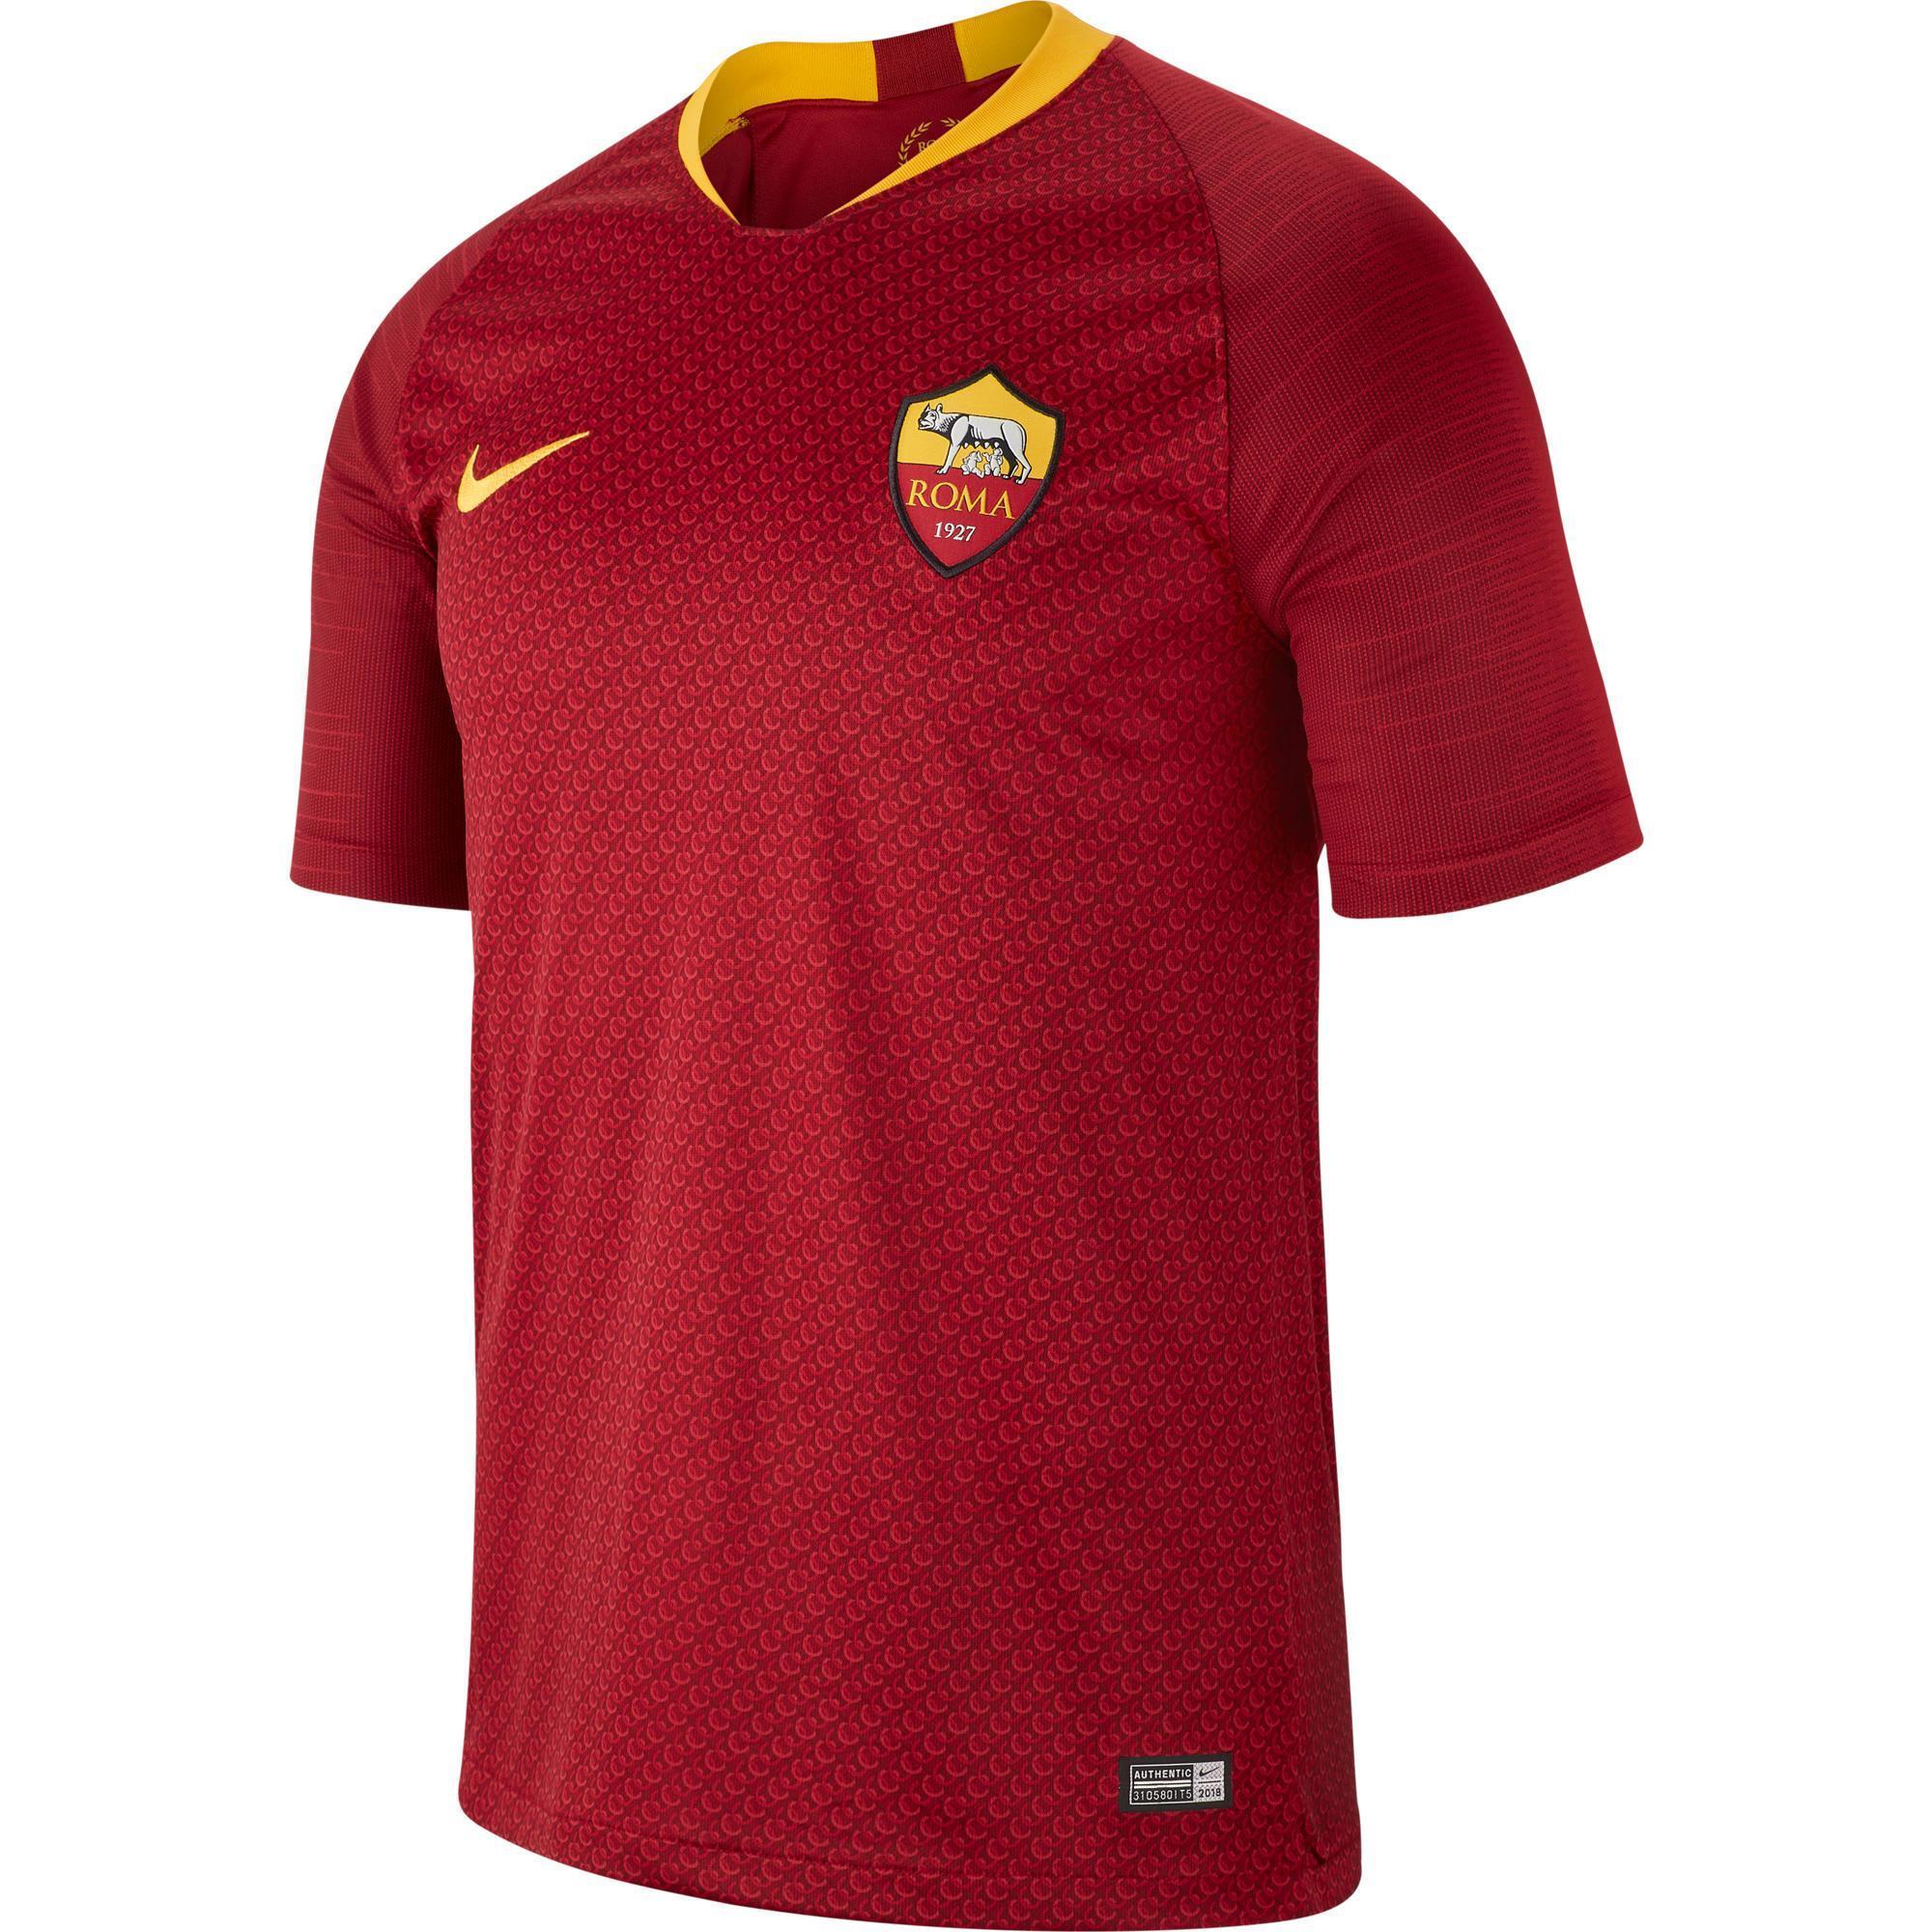 Fußballtrikot AS Roma Erwachsene rot   Sportbekleidung > Trikots > Fußballtrikots   Rot   As   Nike